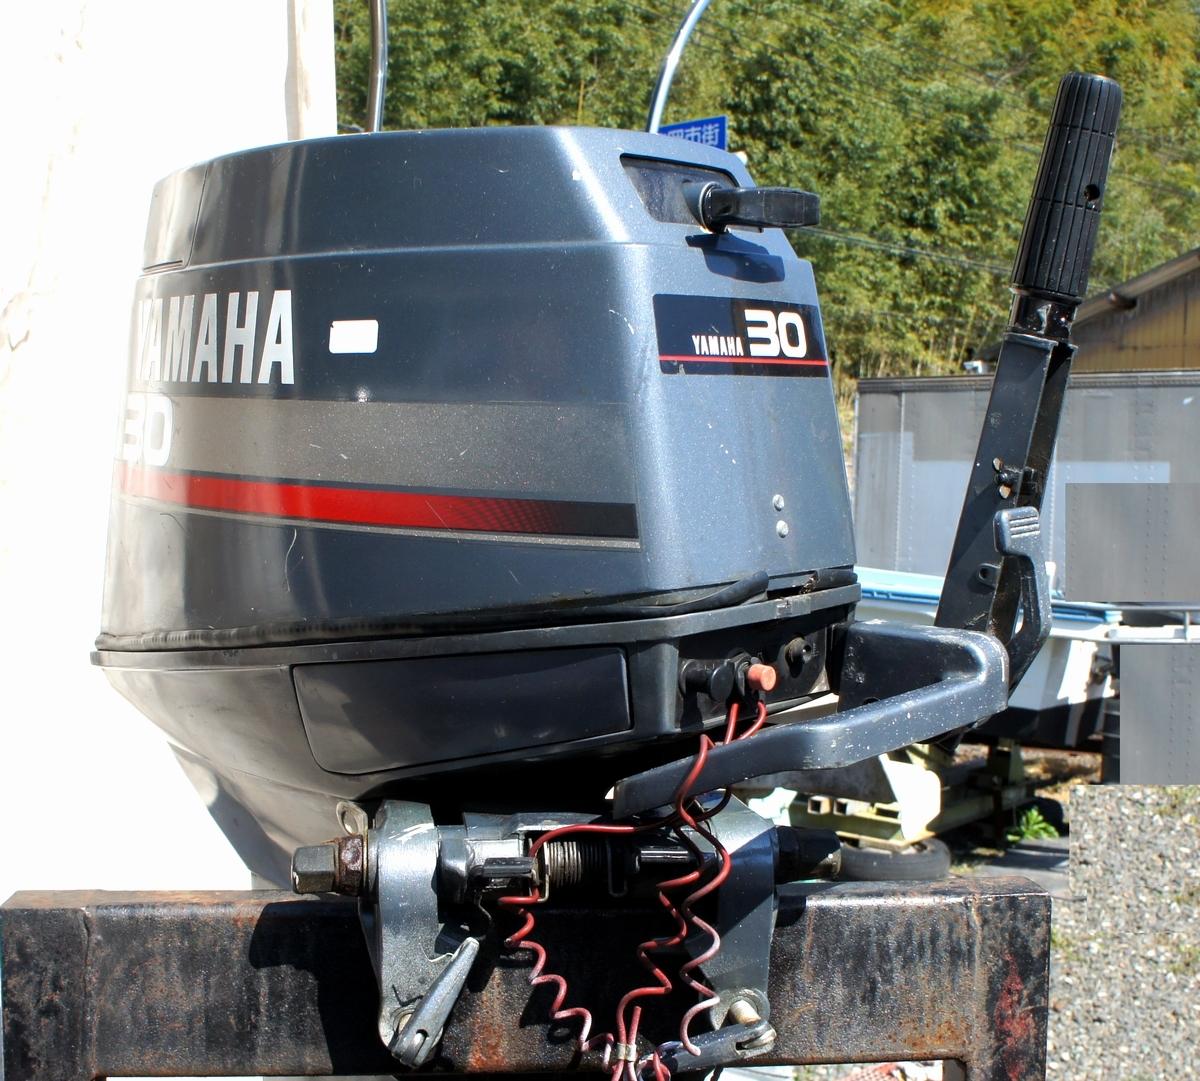 実働・美品!ヤマハ 2スト 30馬力船外機 型式【6J8-L】バーハンドル L足 船舶/エンジン _画像4